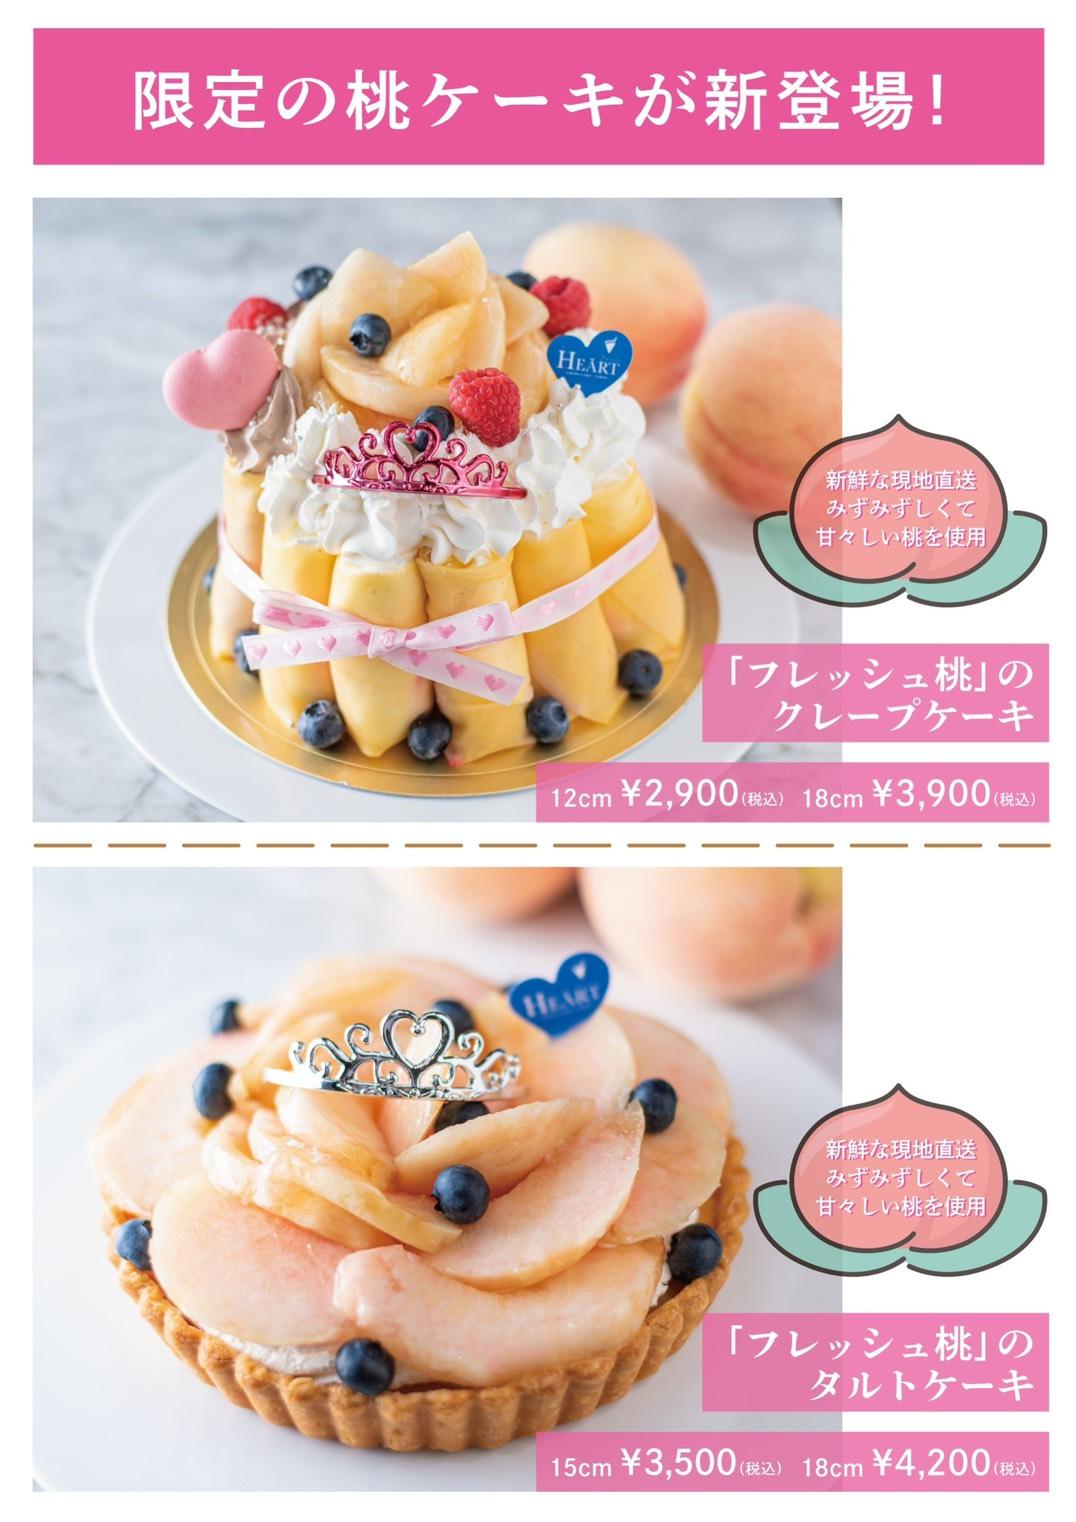 桃タルト&クレープケーキ